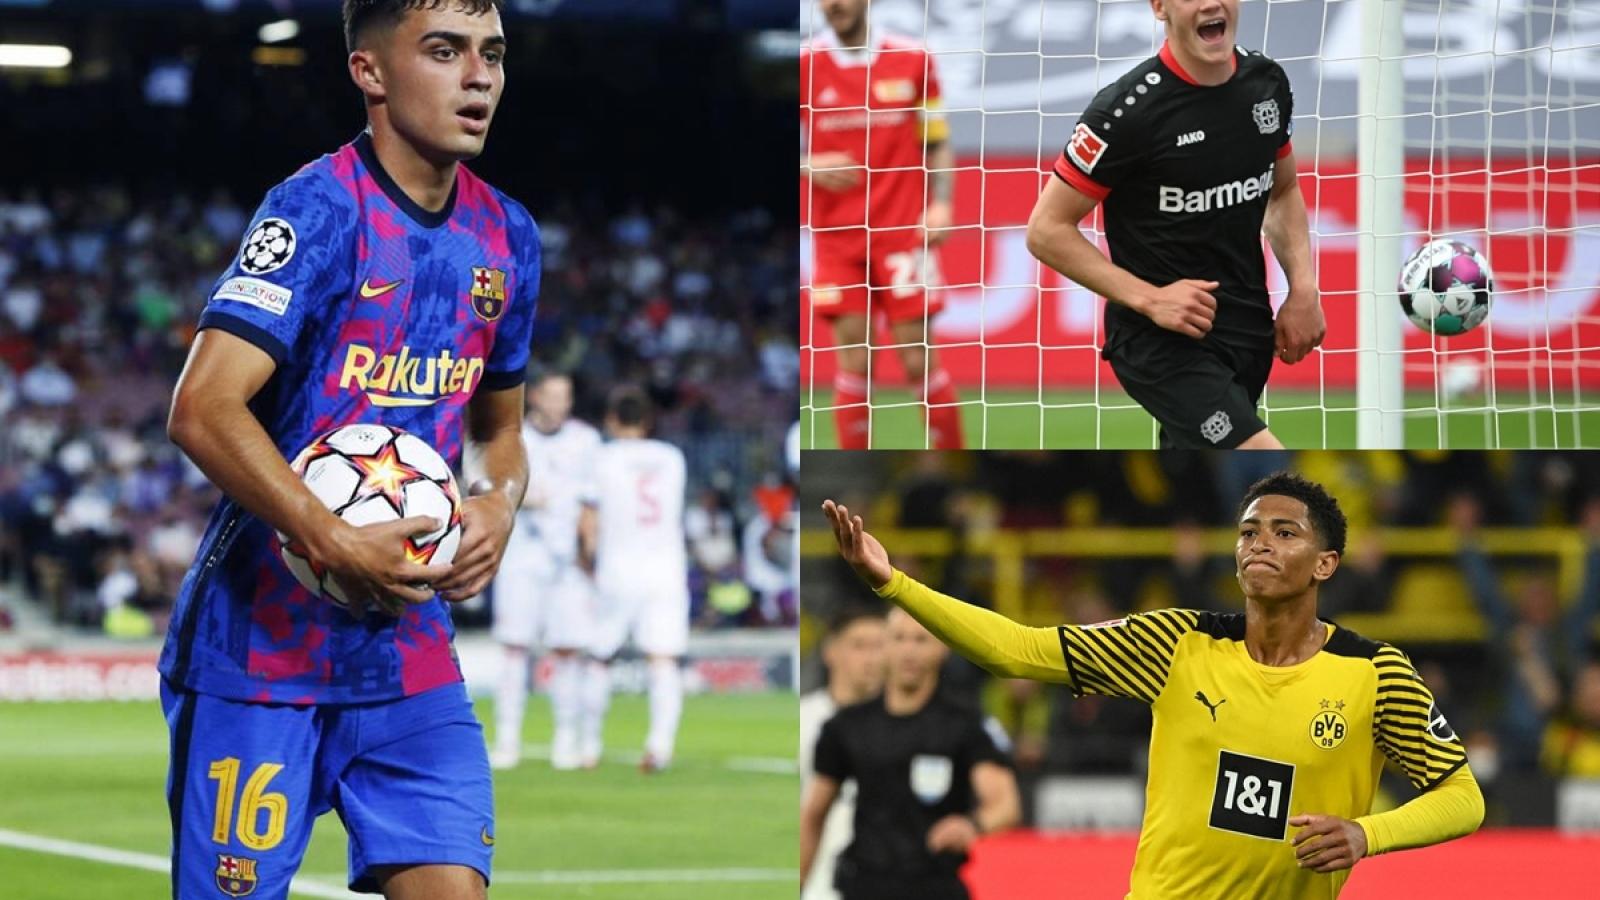 Top 10 cầu thủ U19 đắt giá nhất thế giới: Vắng bóng Premier League